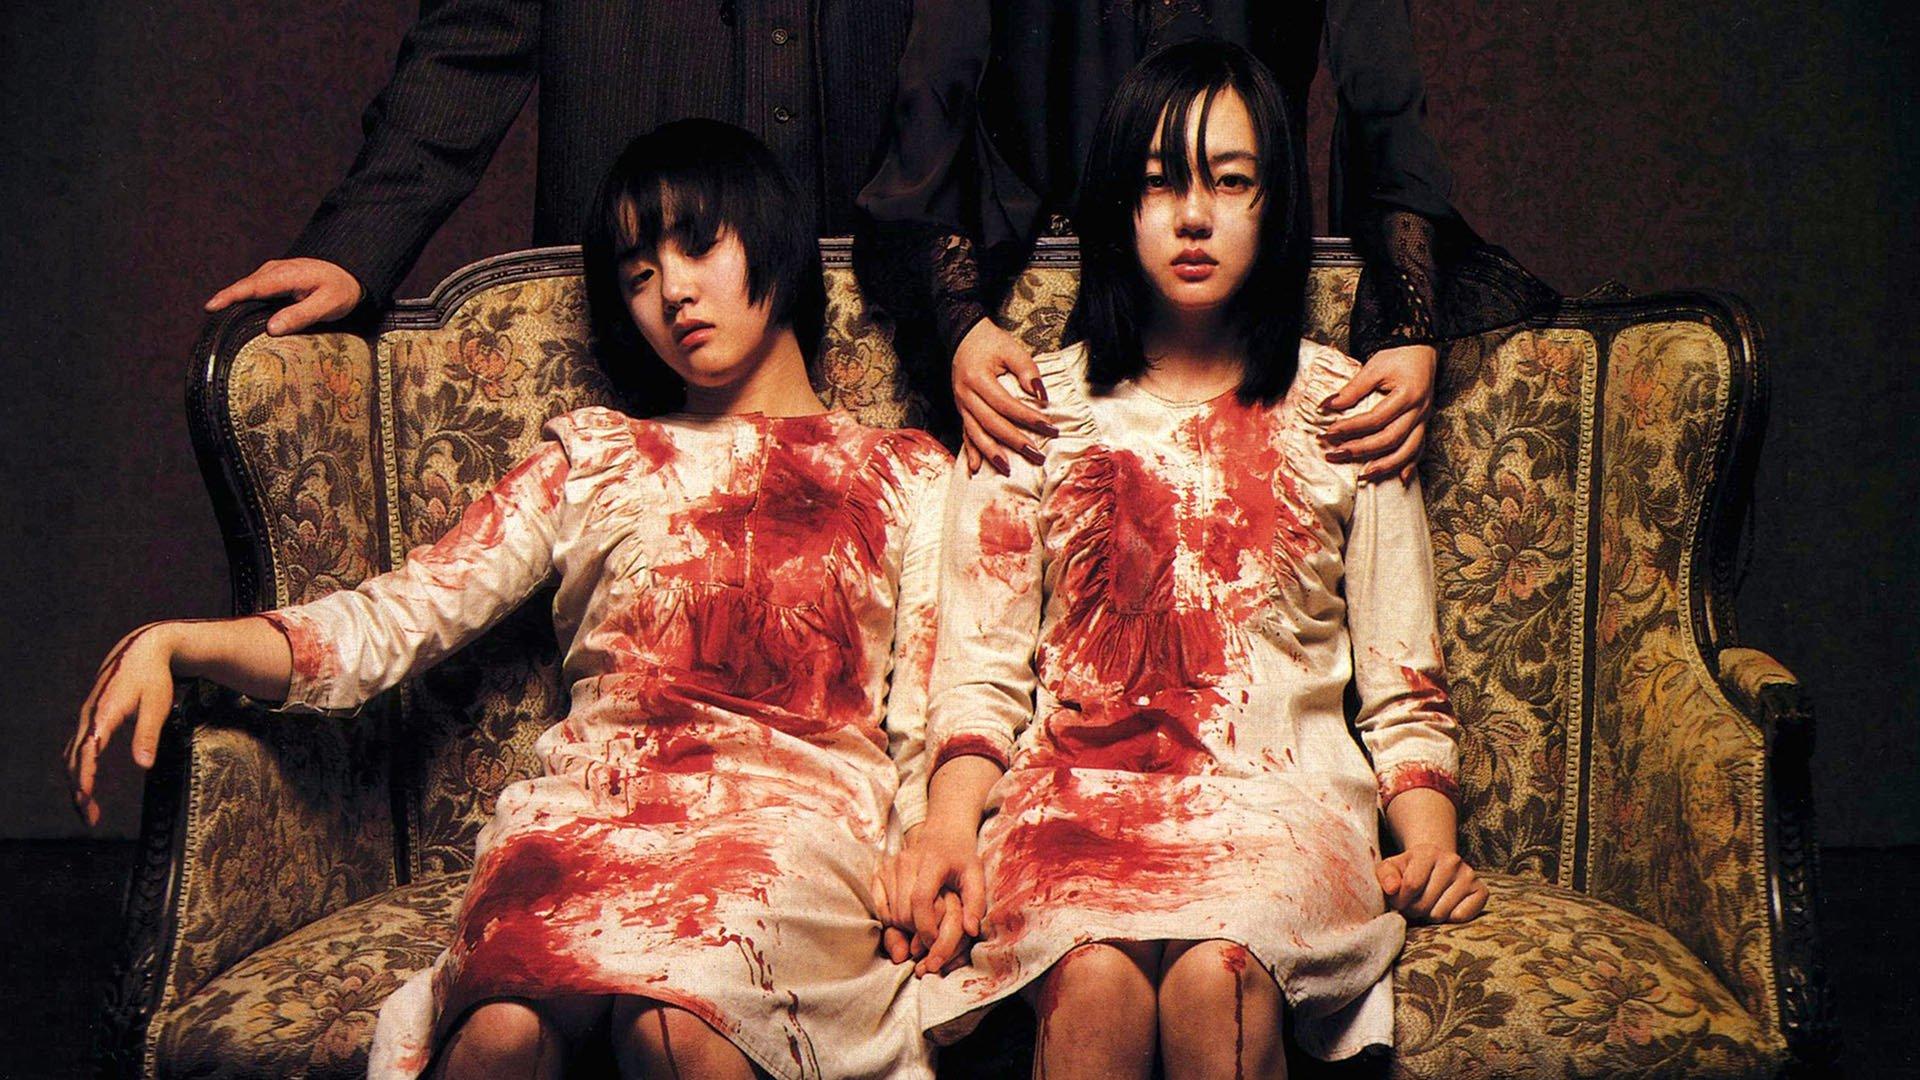 Mental hospital zombie movie